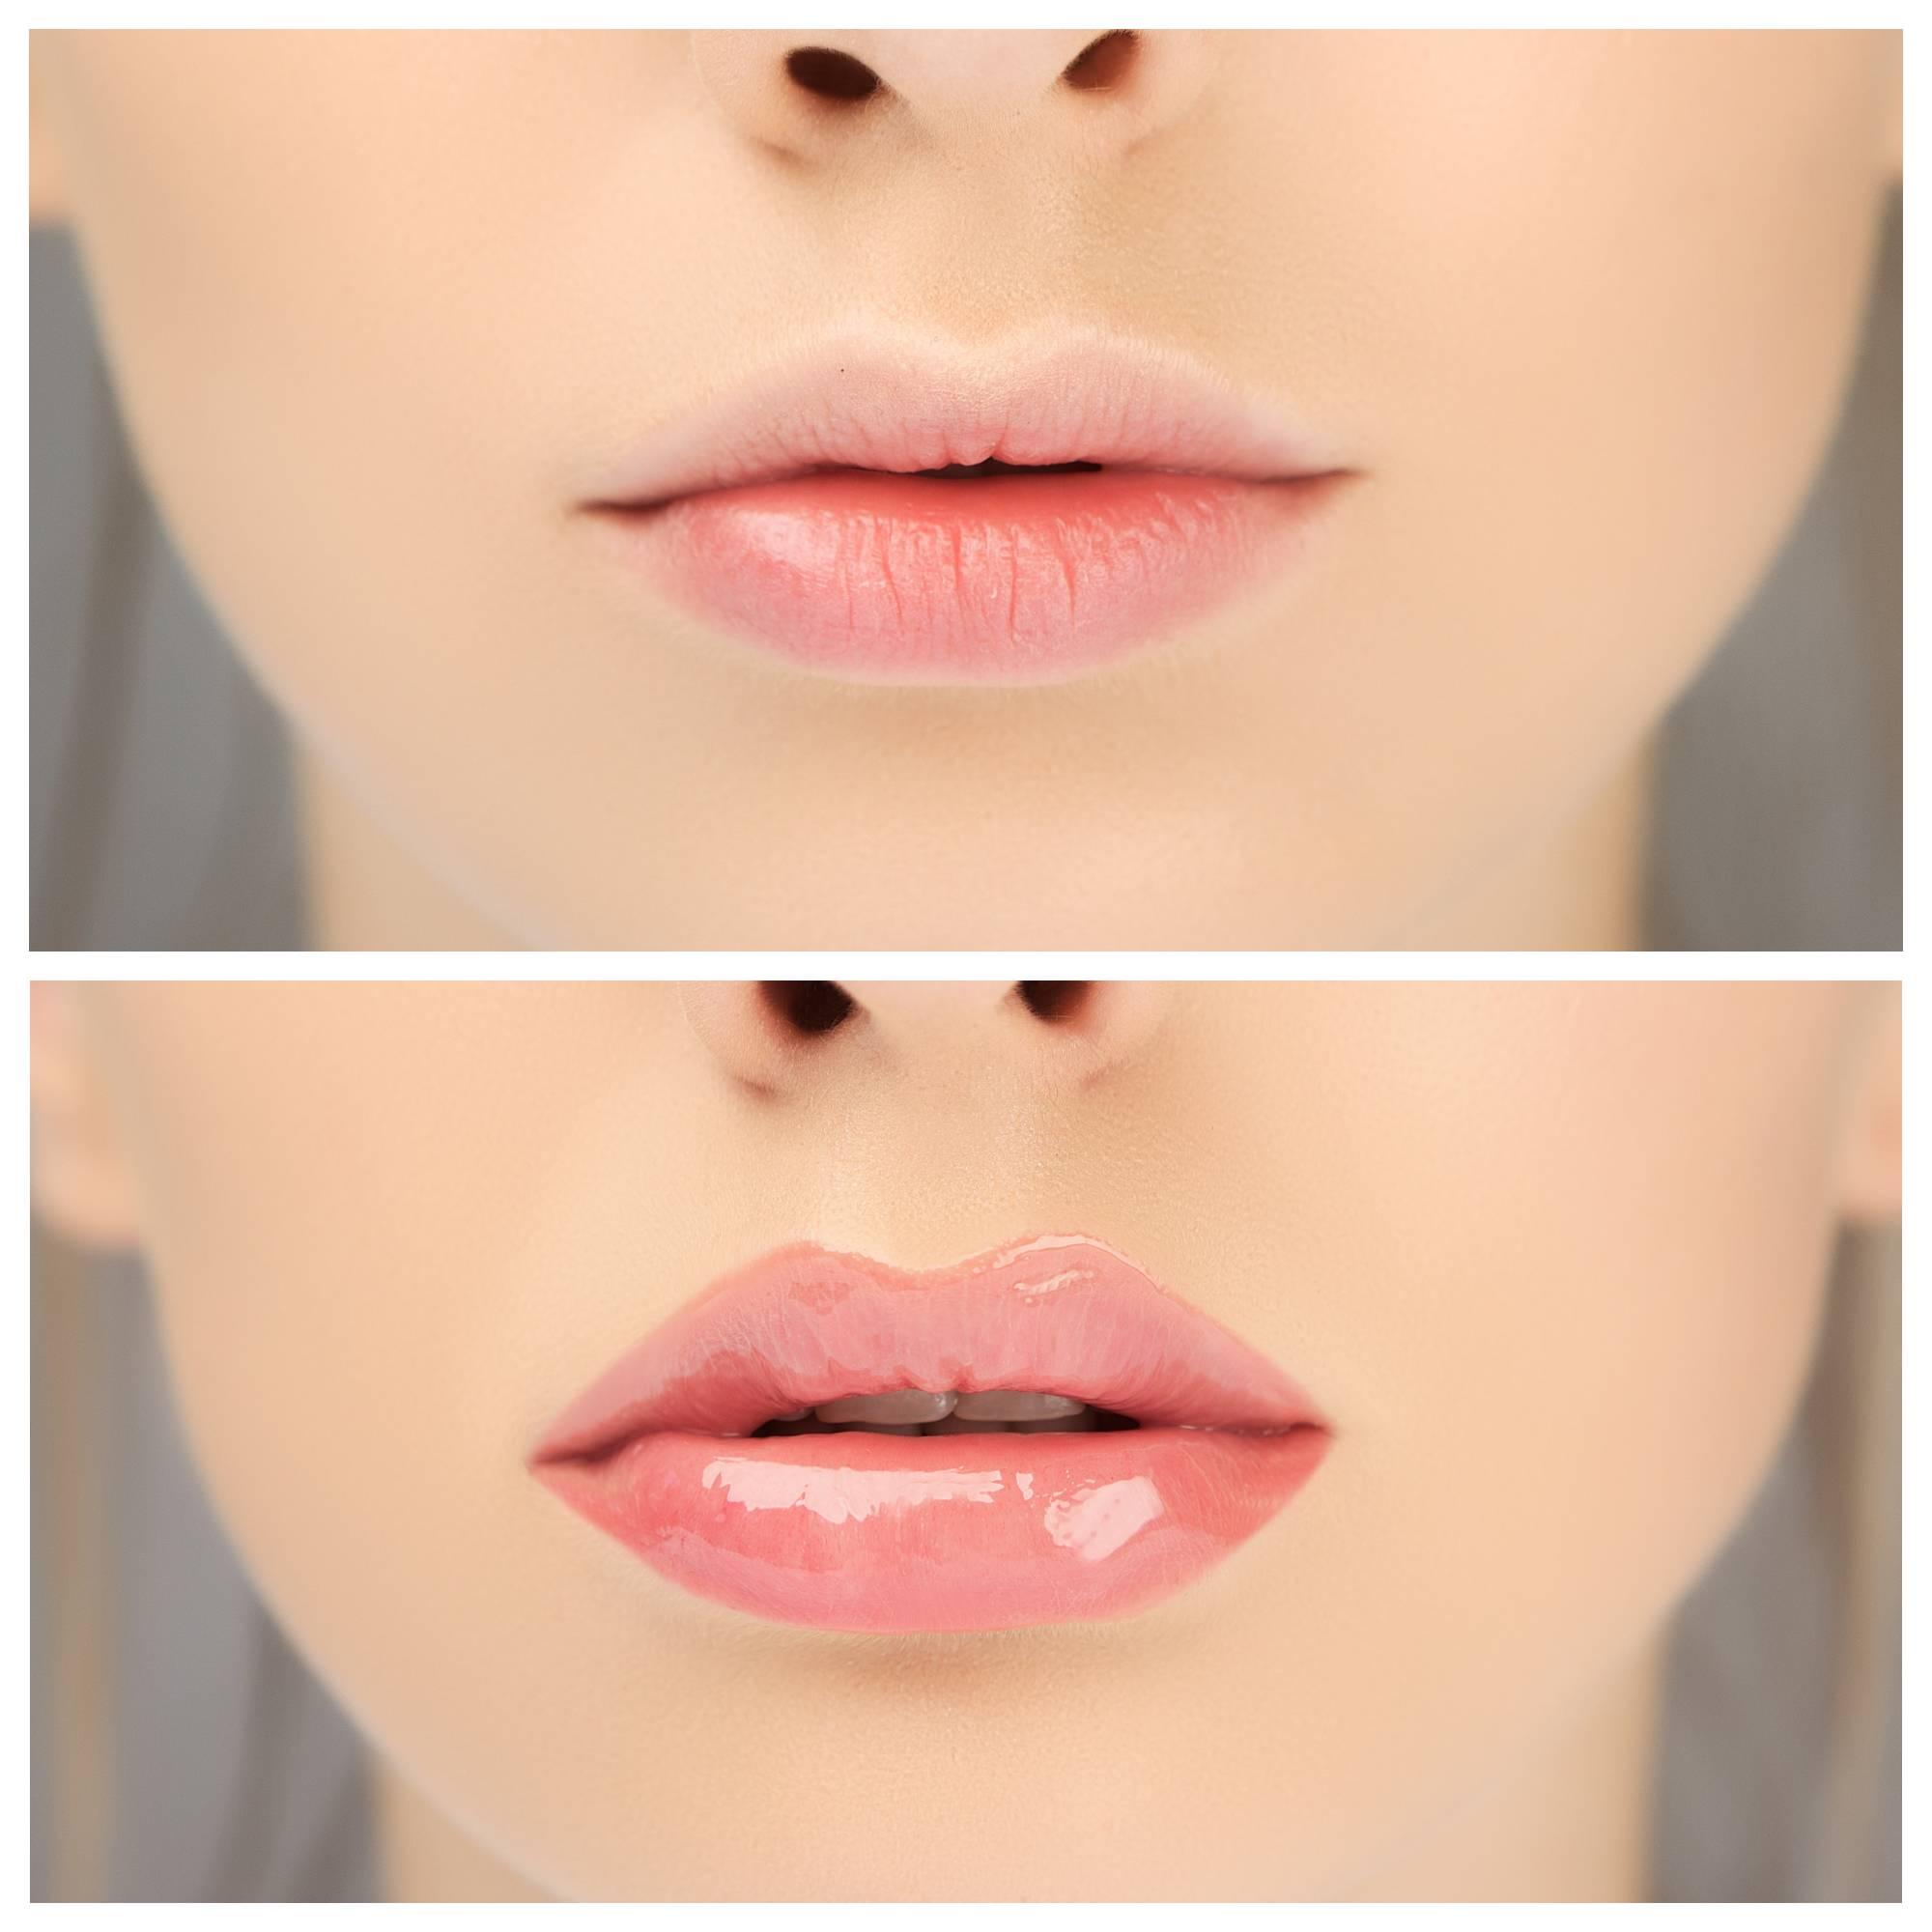 Как без операции увеличить губы в домашних условиях быстро и навсегда